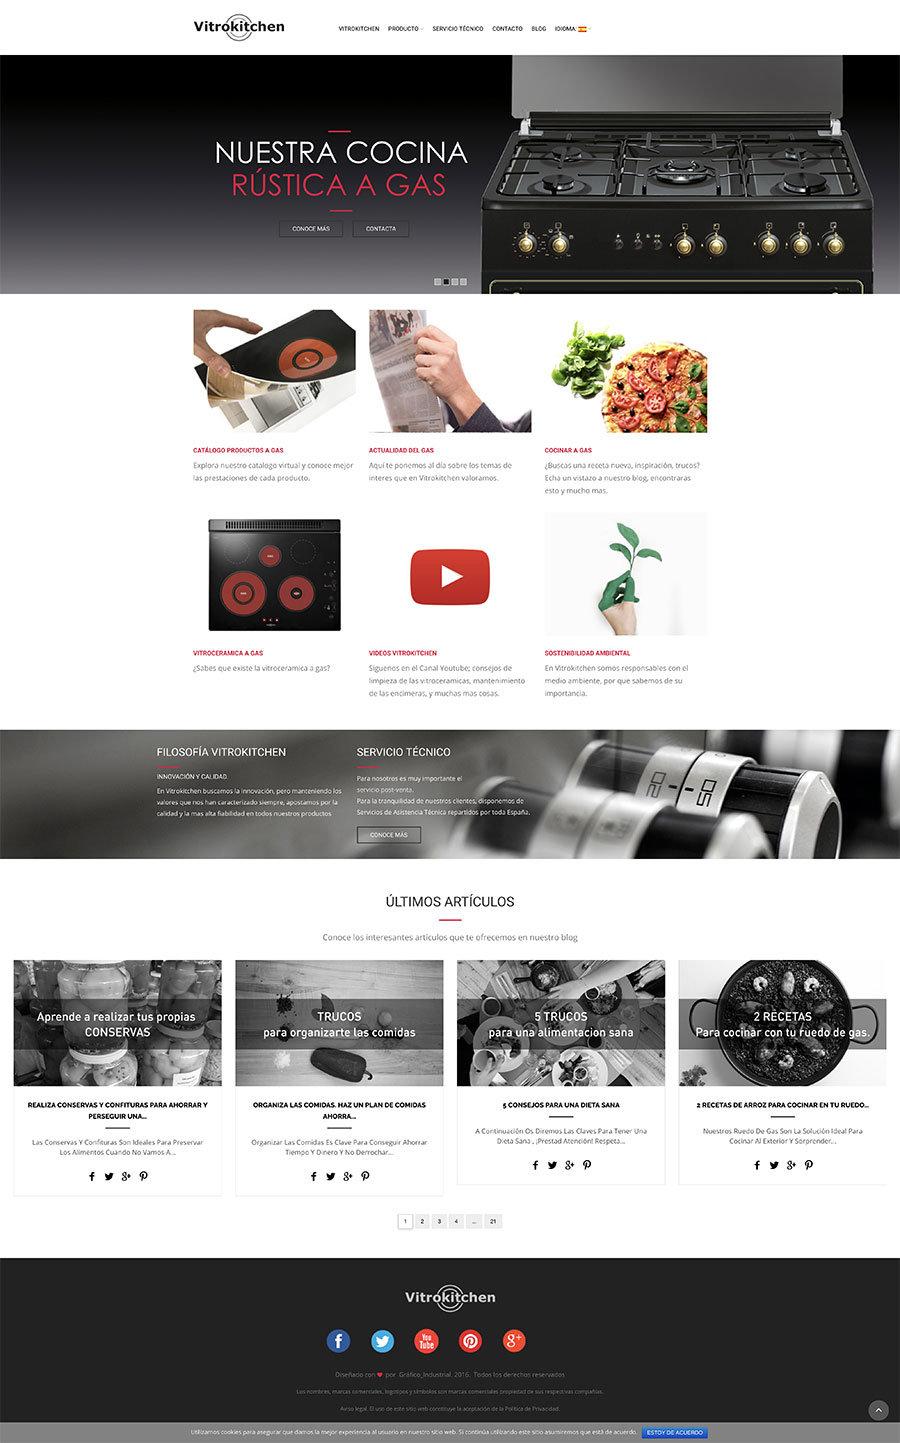 Wellaggio-diseño-web-valencia-vitrokitchen-2018-08-19-13_23_45